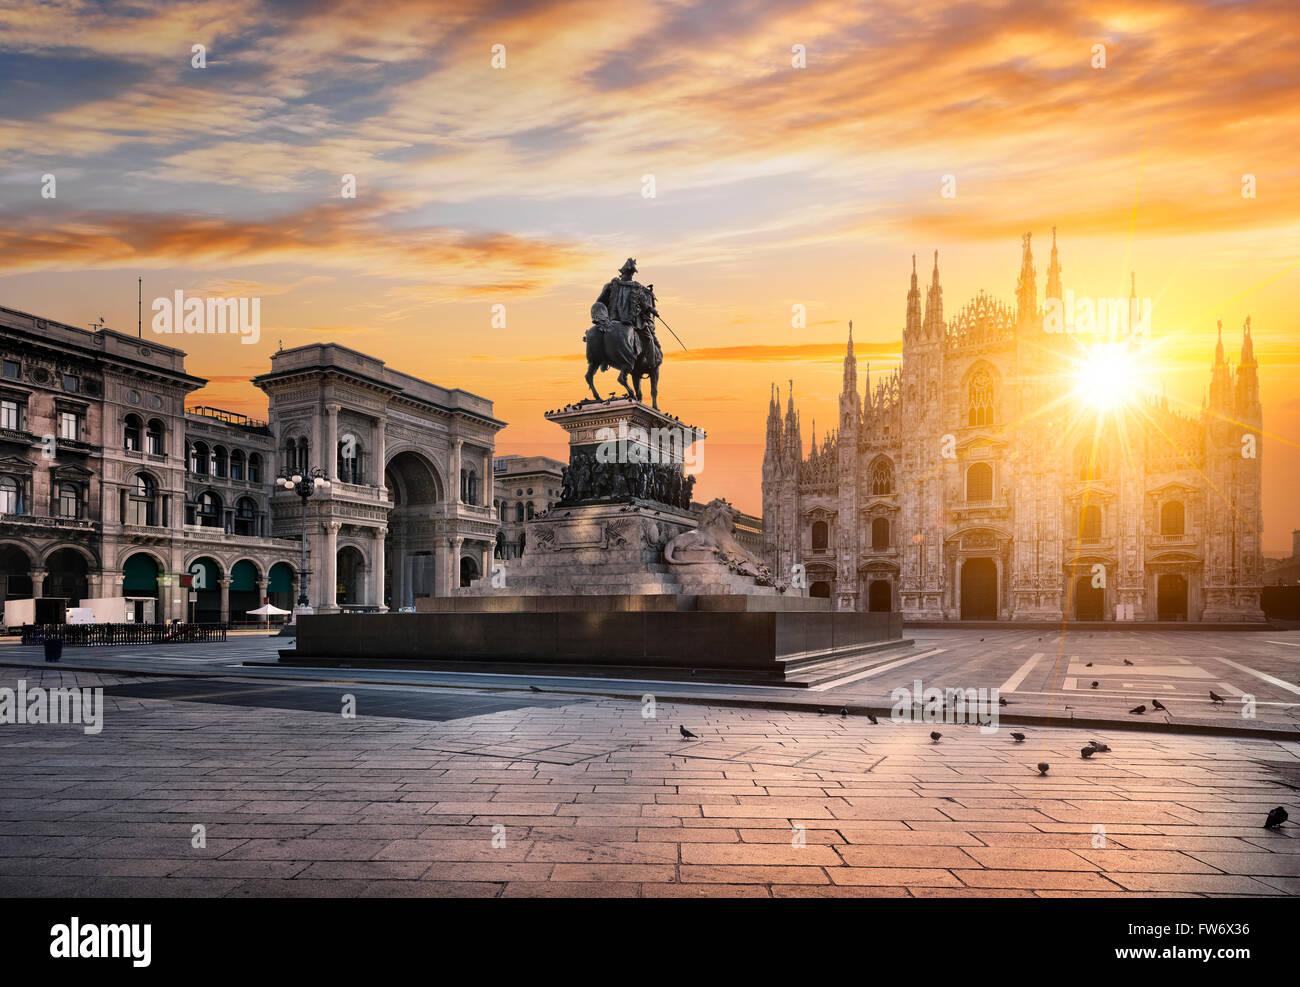 Al amanecer del Duomo de Milán, Italia, Europa. Imagen De Stock